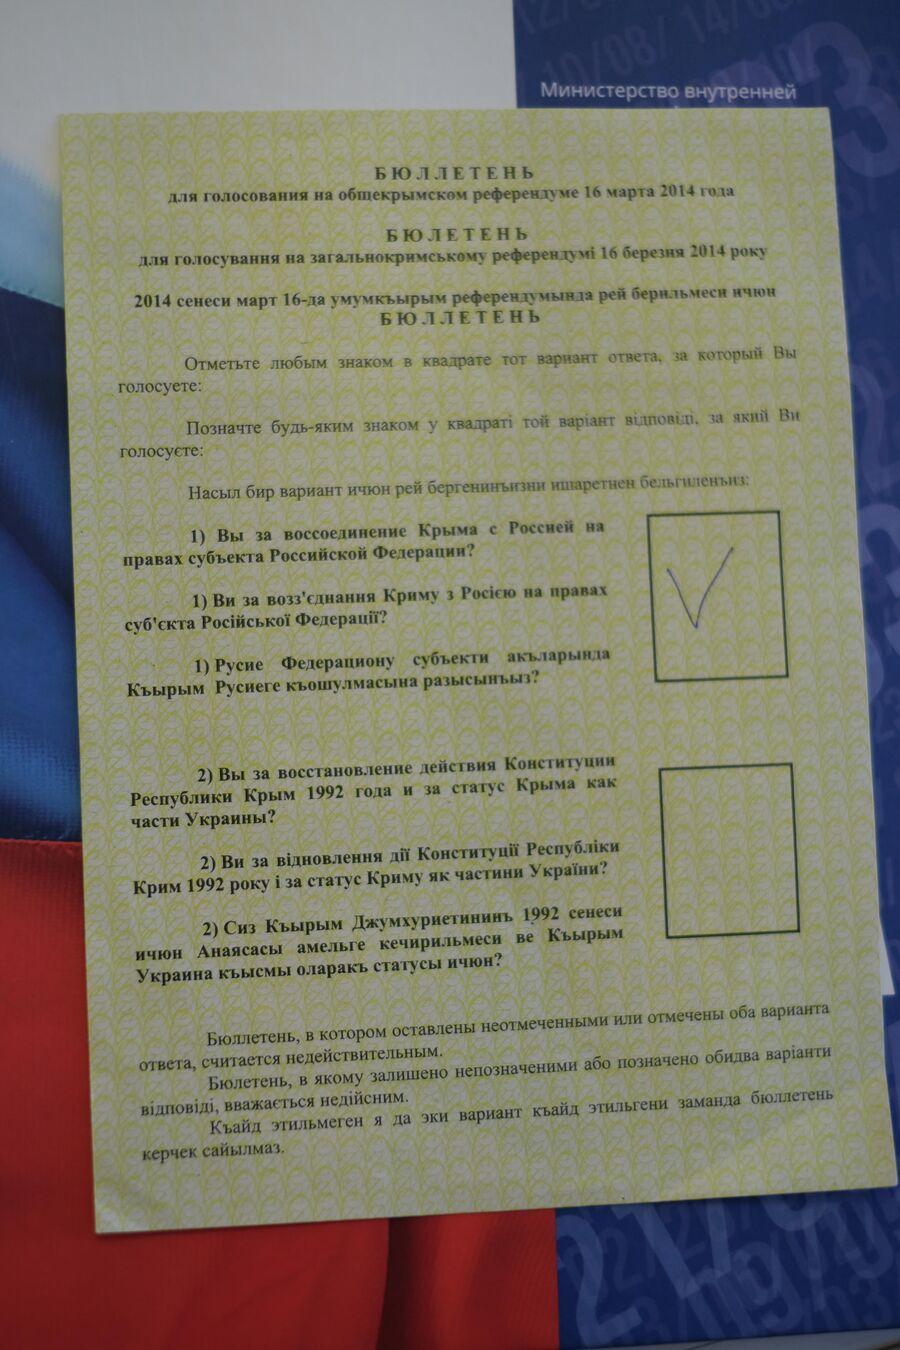 Бюллетень для голосования на референдуме по определению статуса Крыма